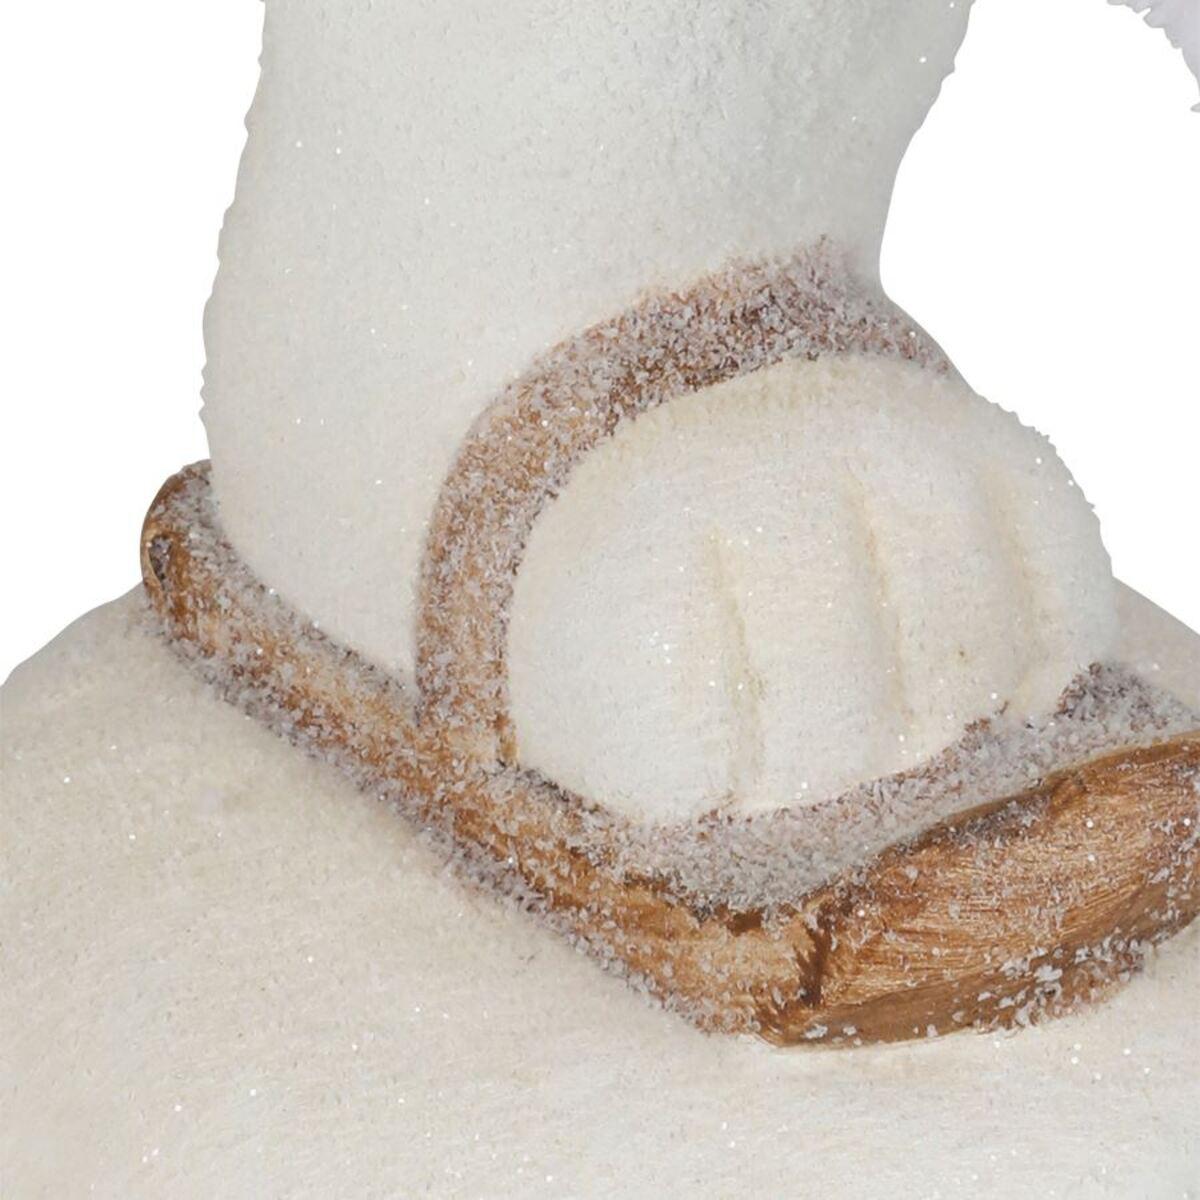 Bild 4 von Magnesia-Figur Eisbär auf Schlittschuhen 44x39x21cm